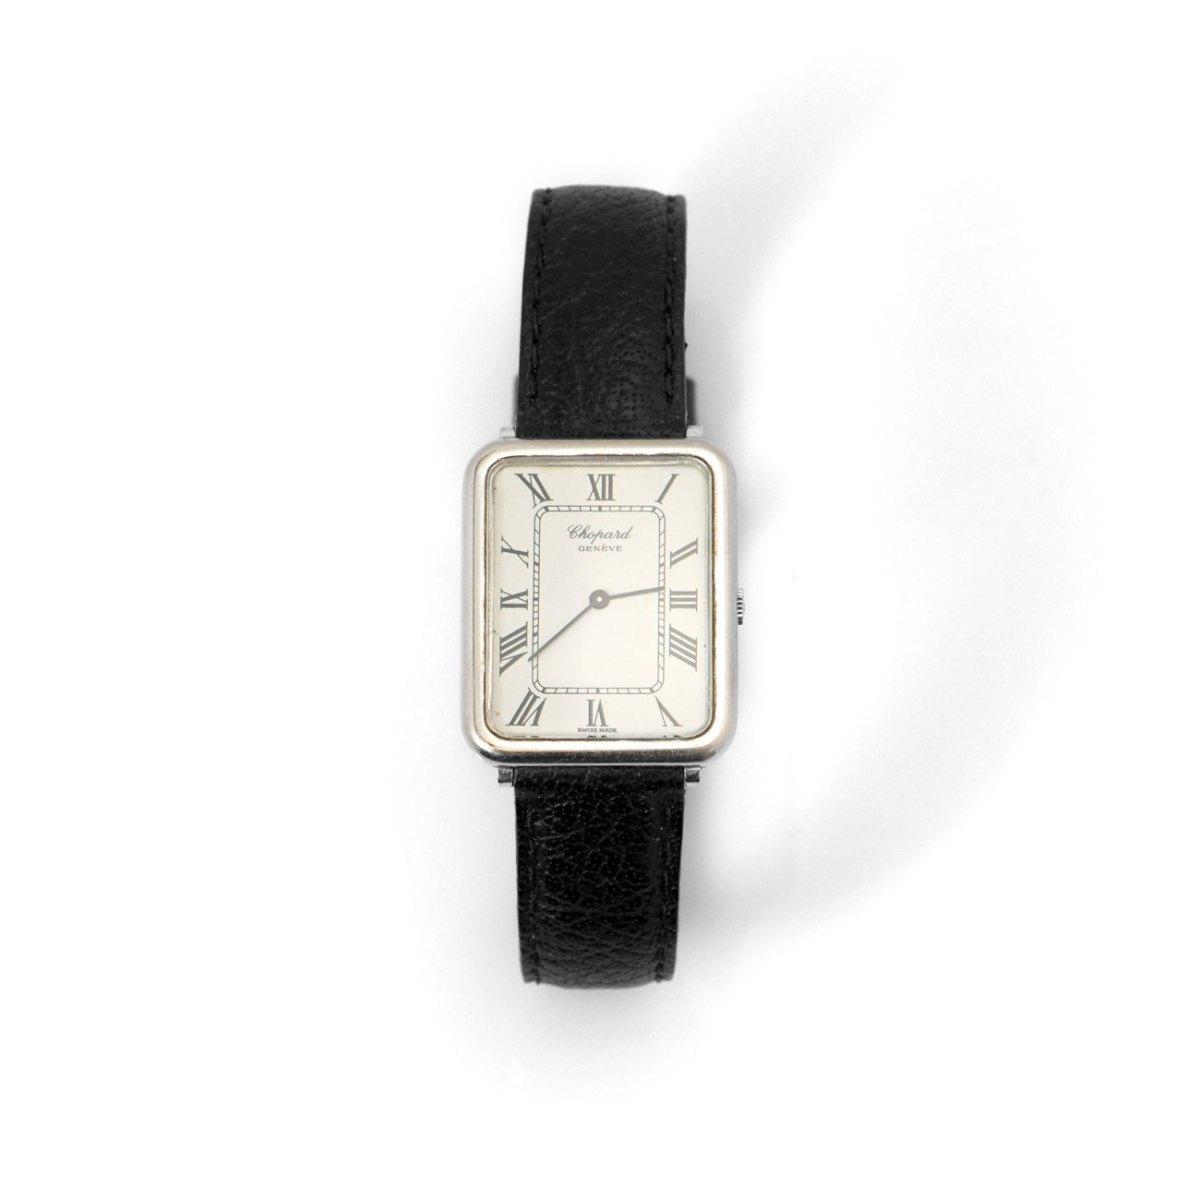 Montre CHOPARD pour Homme, or blanc 750 ‰, mouvement mécanique | EVENOR Joaillerie • Montres de grandes marques Vintage | Réf. MO-B18635